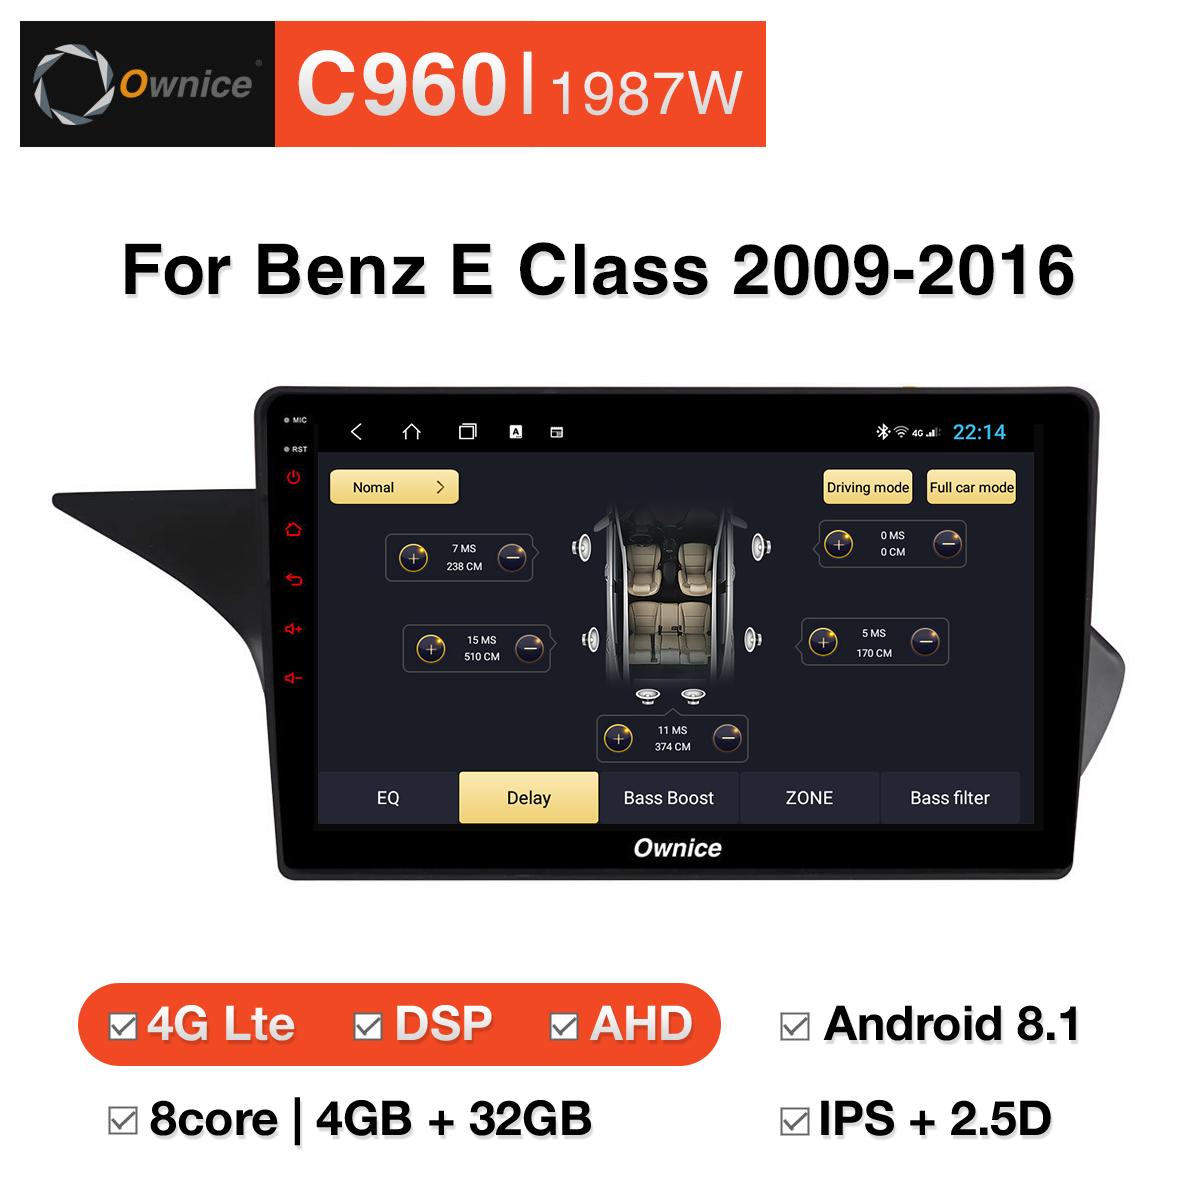 Đầu DVD android Ownice C960 cho xe ô tô Benz E Class 2009 - 2016:: OL - 1987W